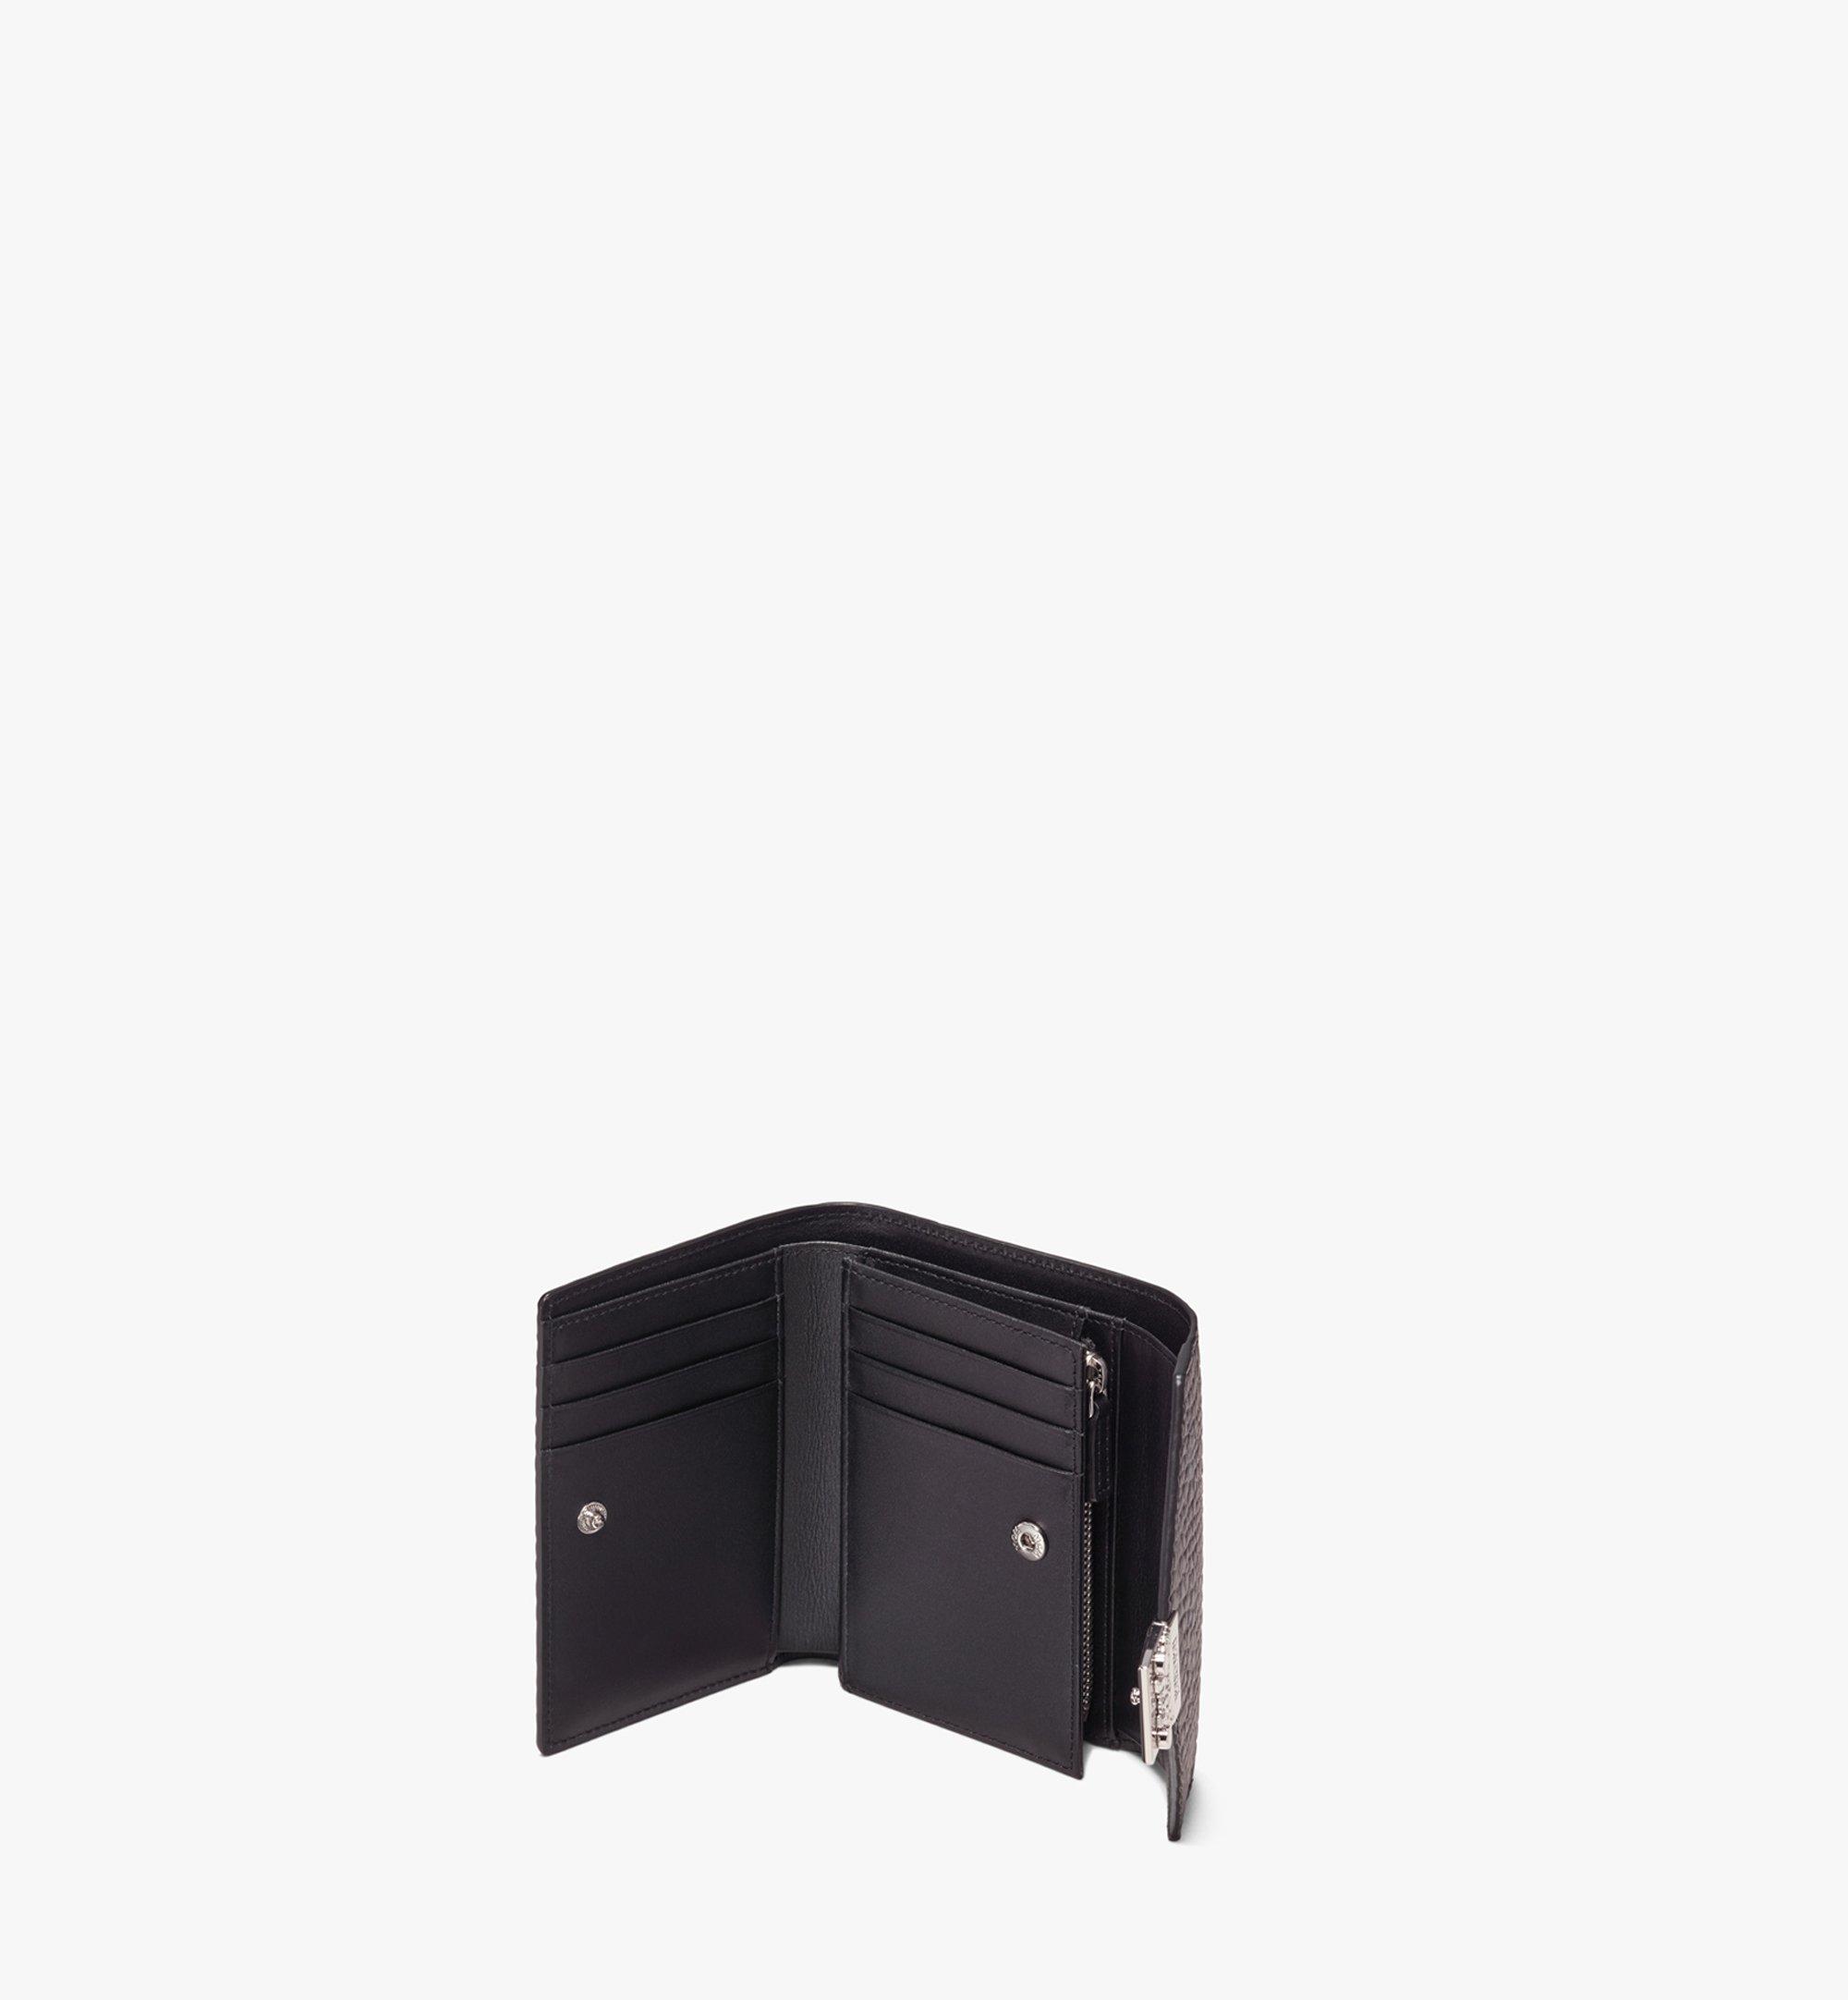 MCM Dreifach gefaltete Brieftasche Patricia in Visetos Black MYSAAPA02BK001 Noch mehr sehen 2